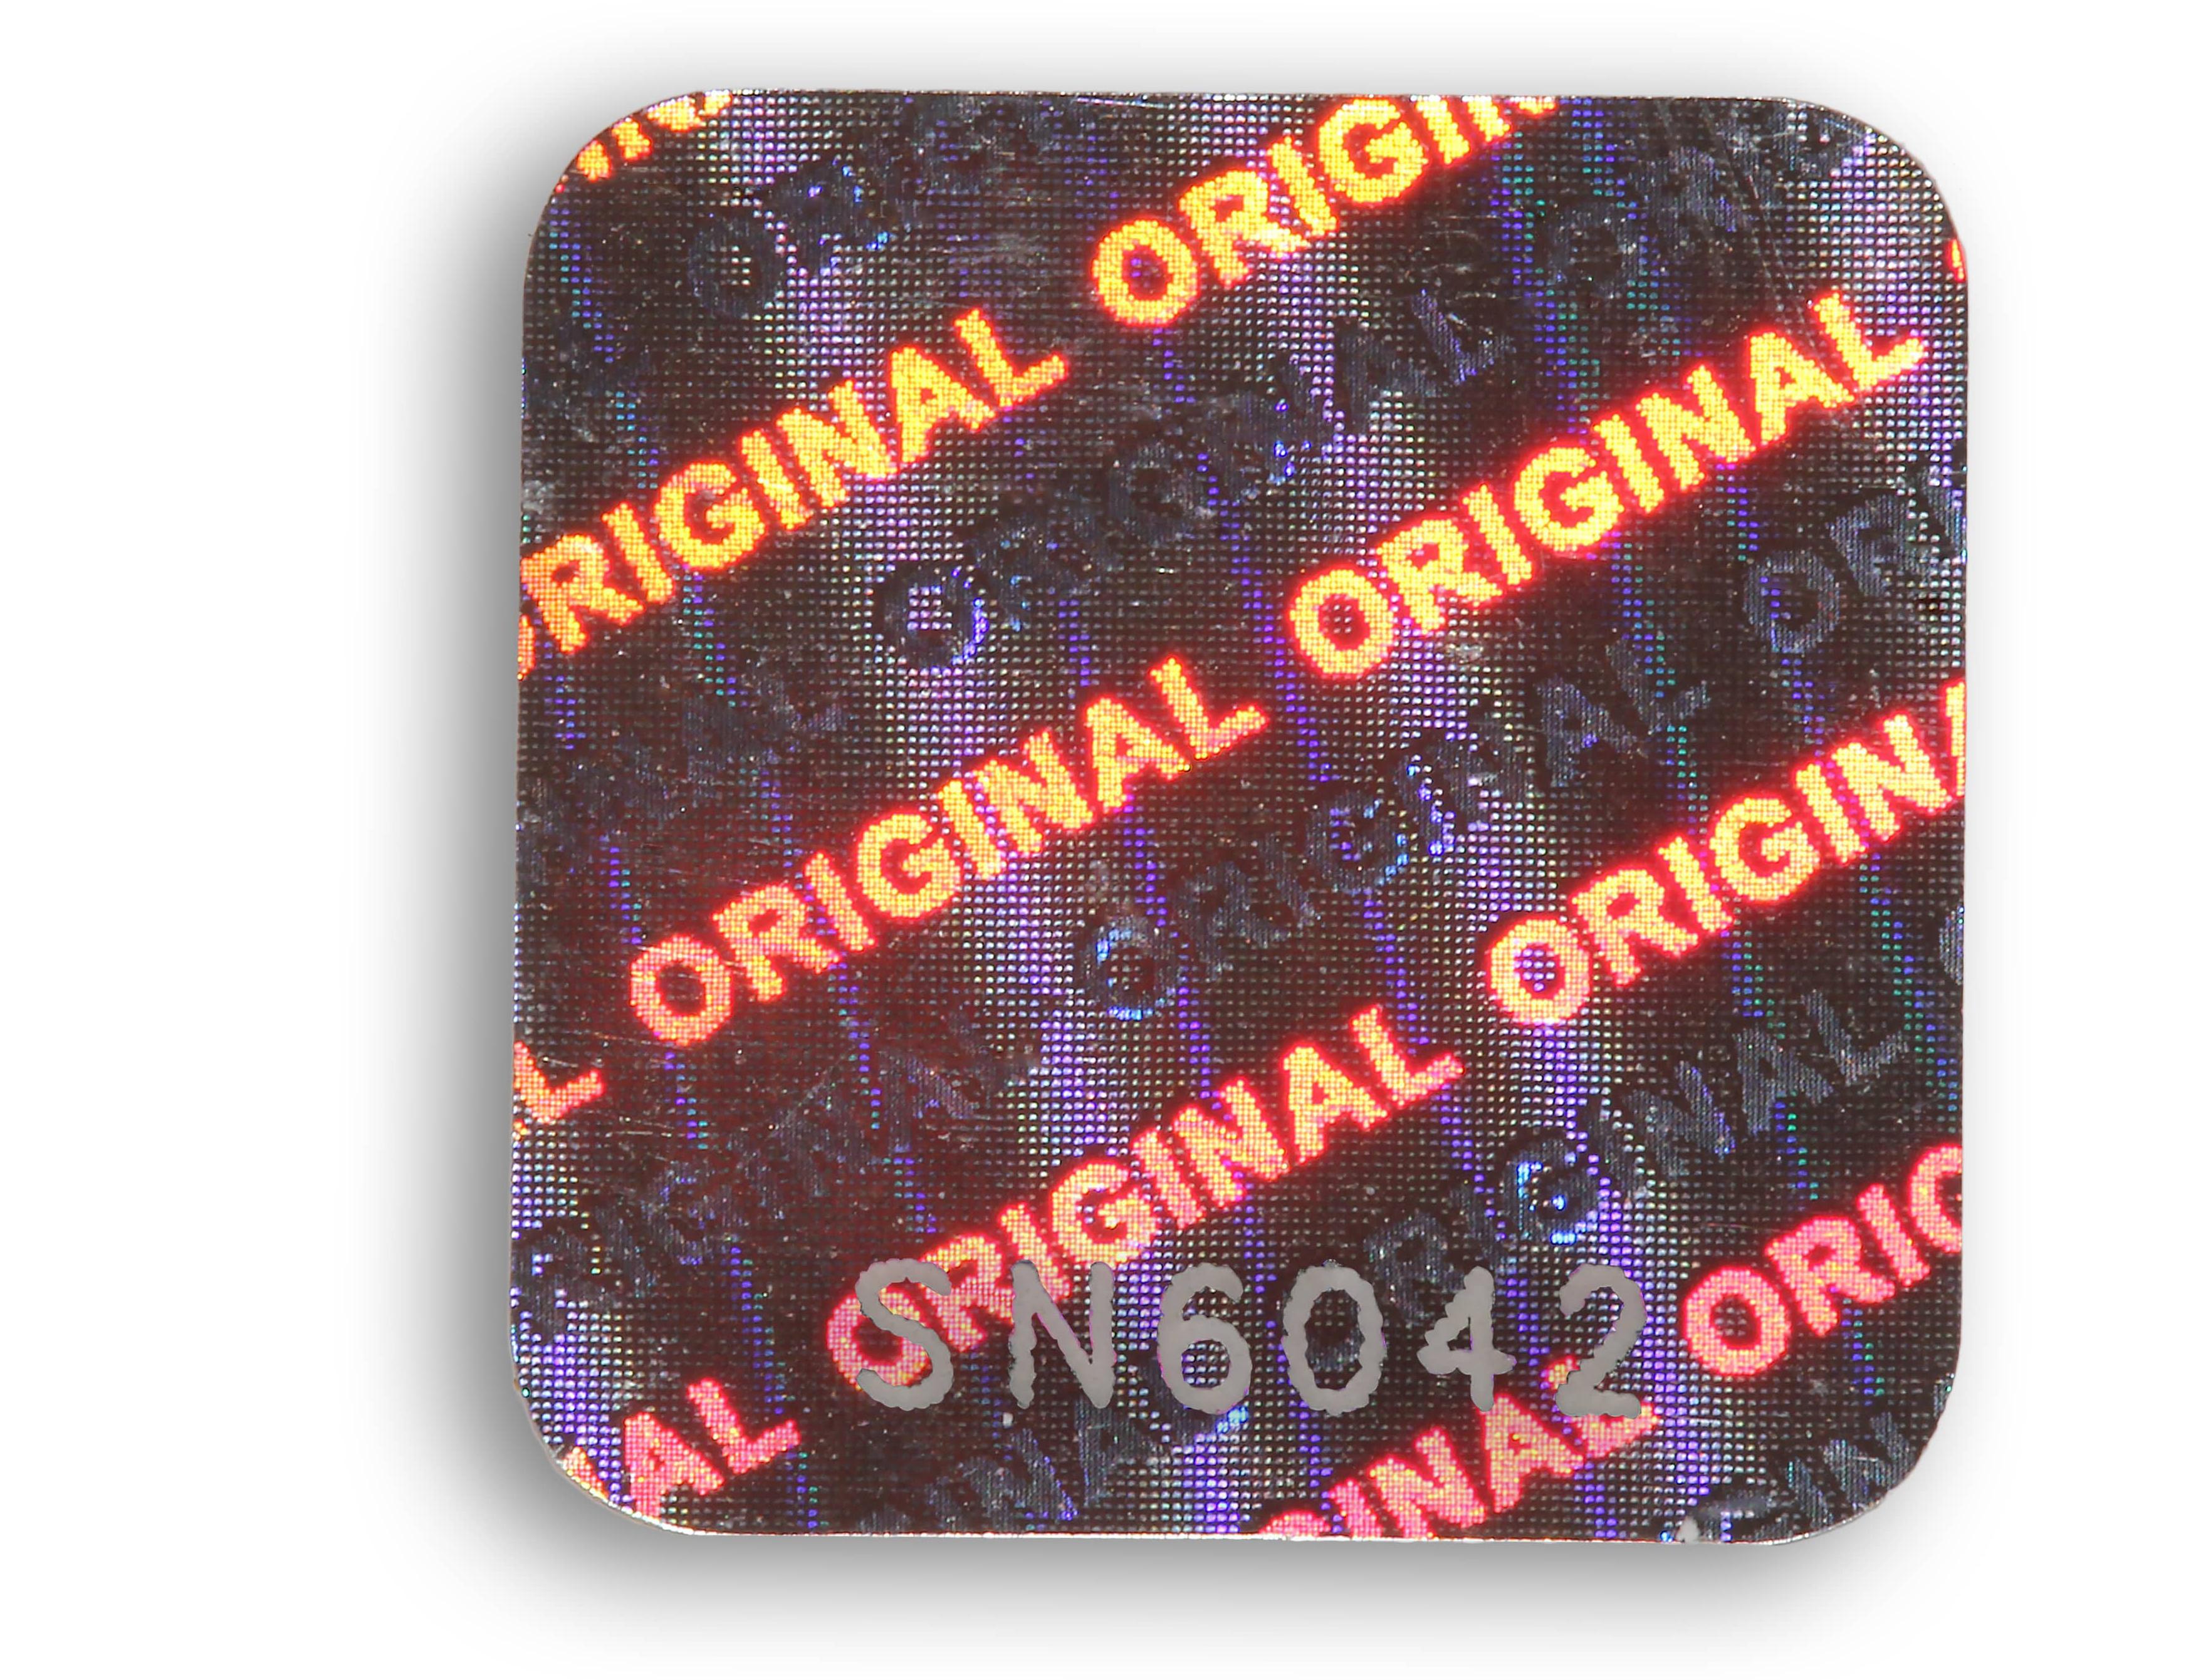 Etiquette-holographique-hologramme-adhésif